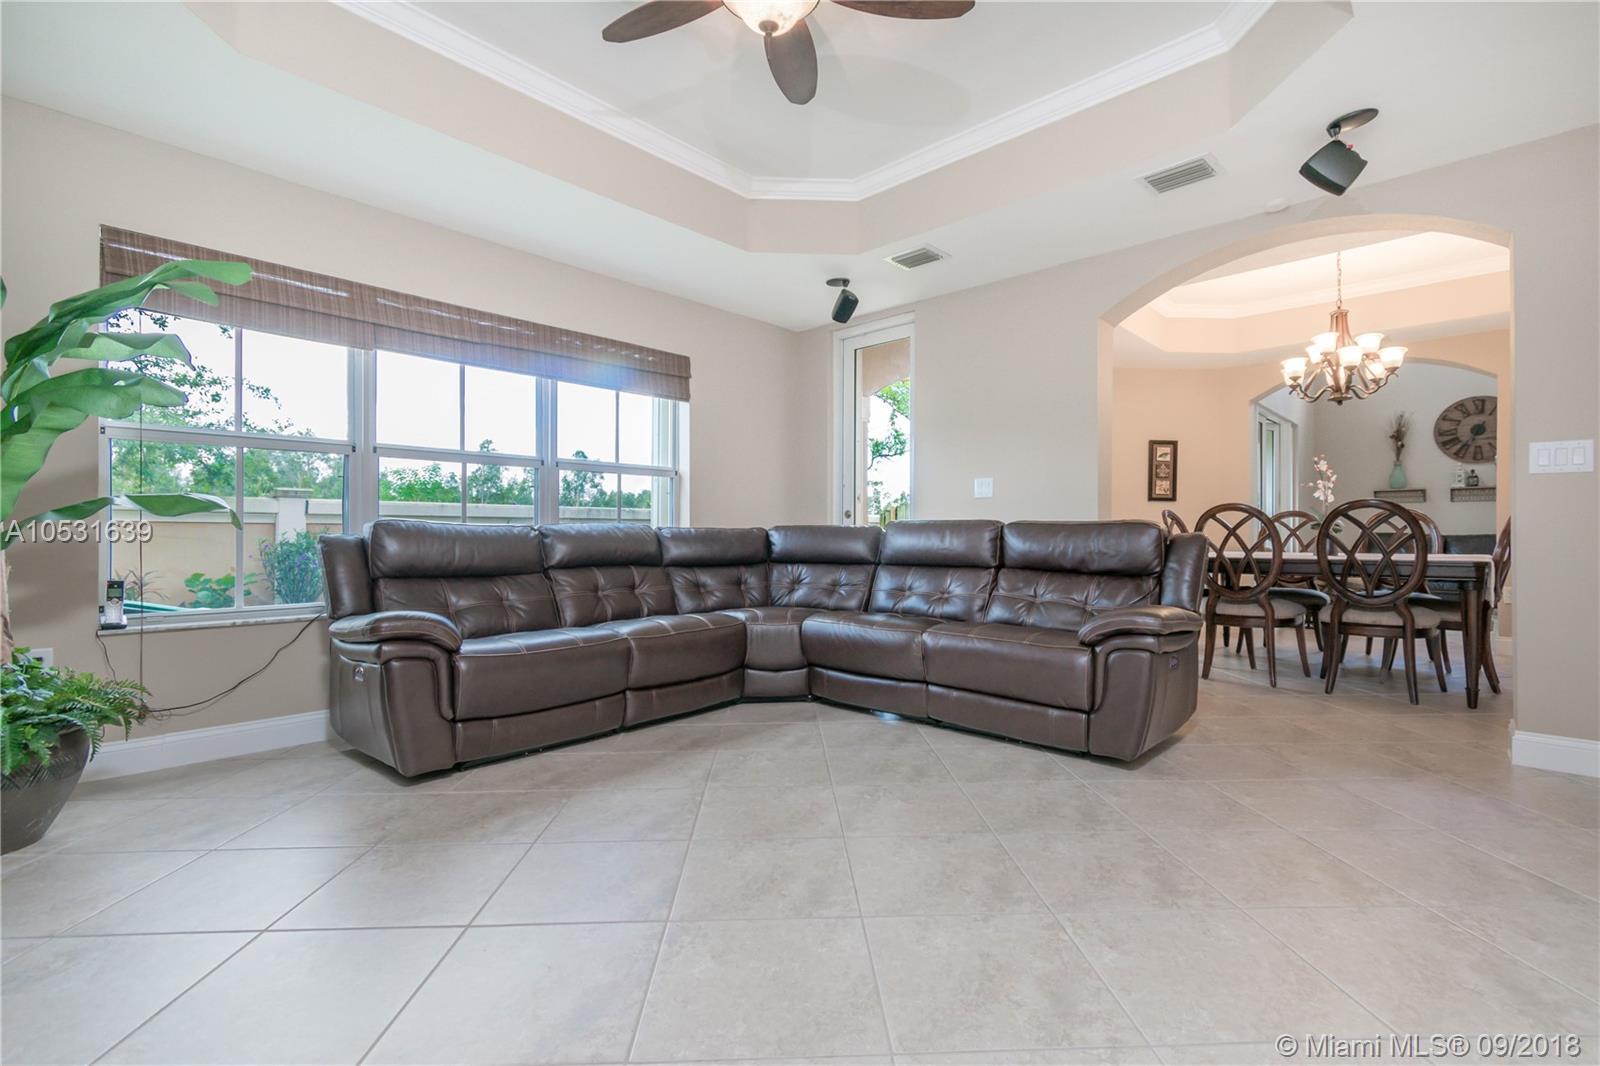 2740 Sw 156th Pl, Miami FL, 33185